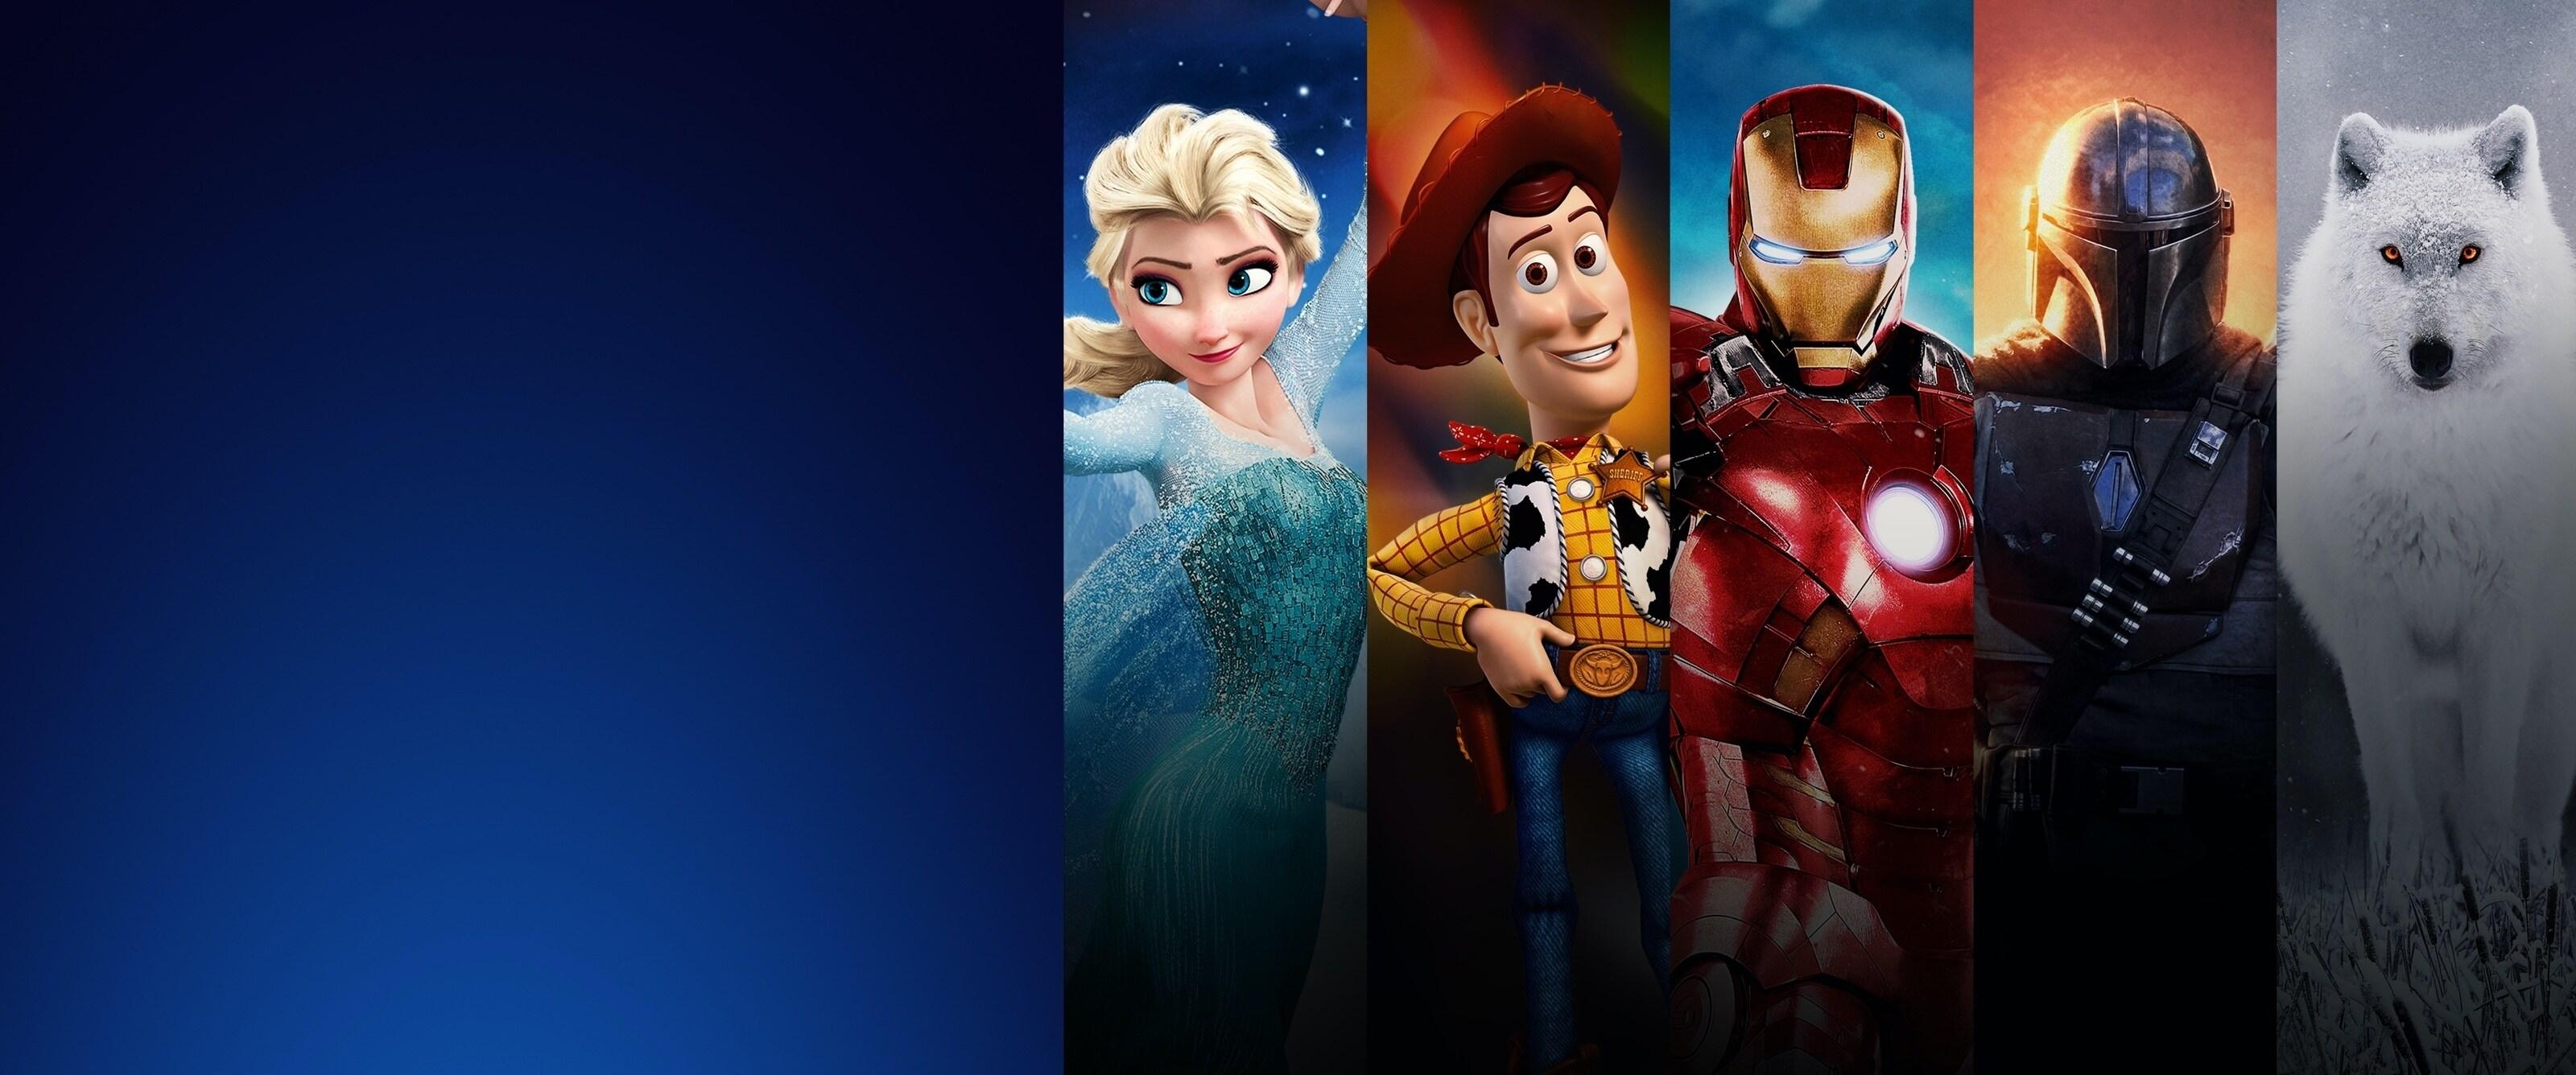 Meer informatie over Disney+